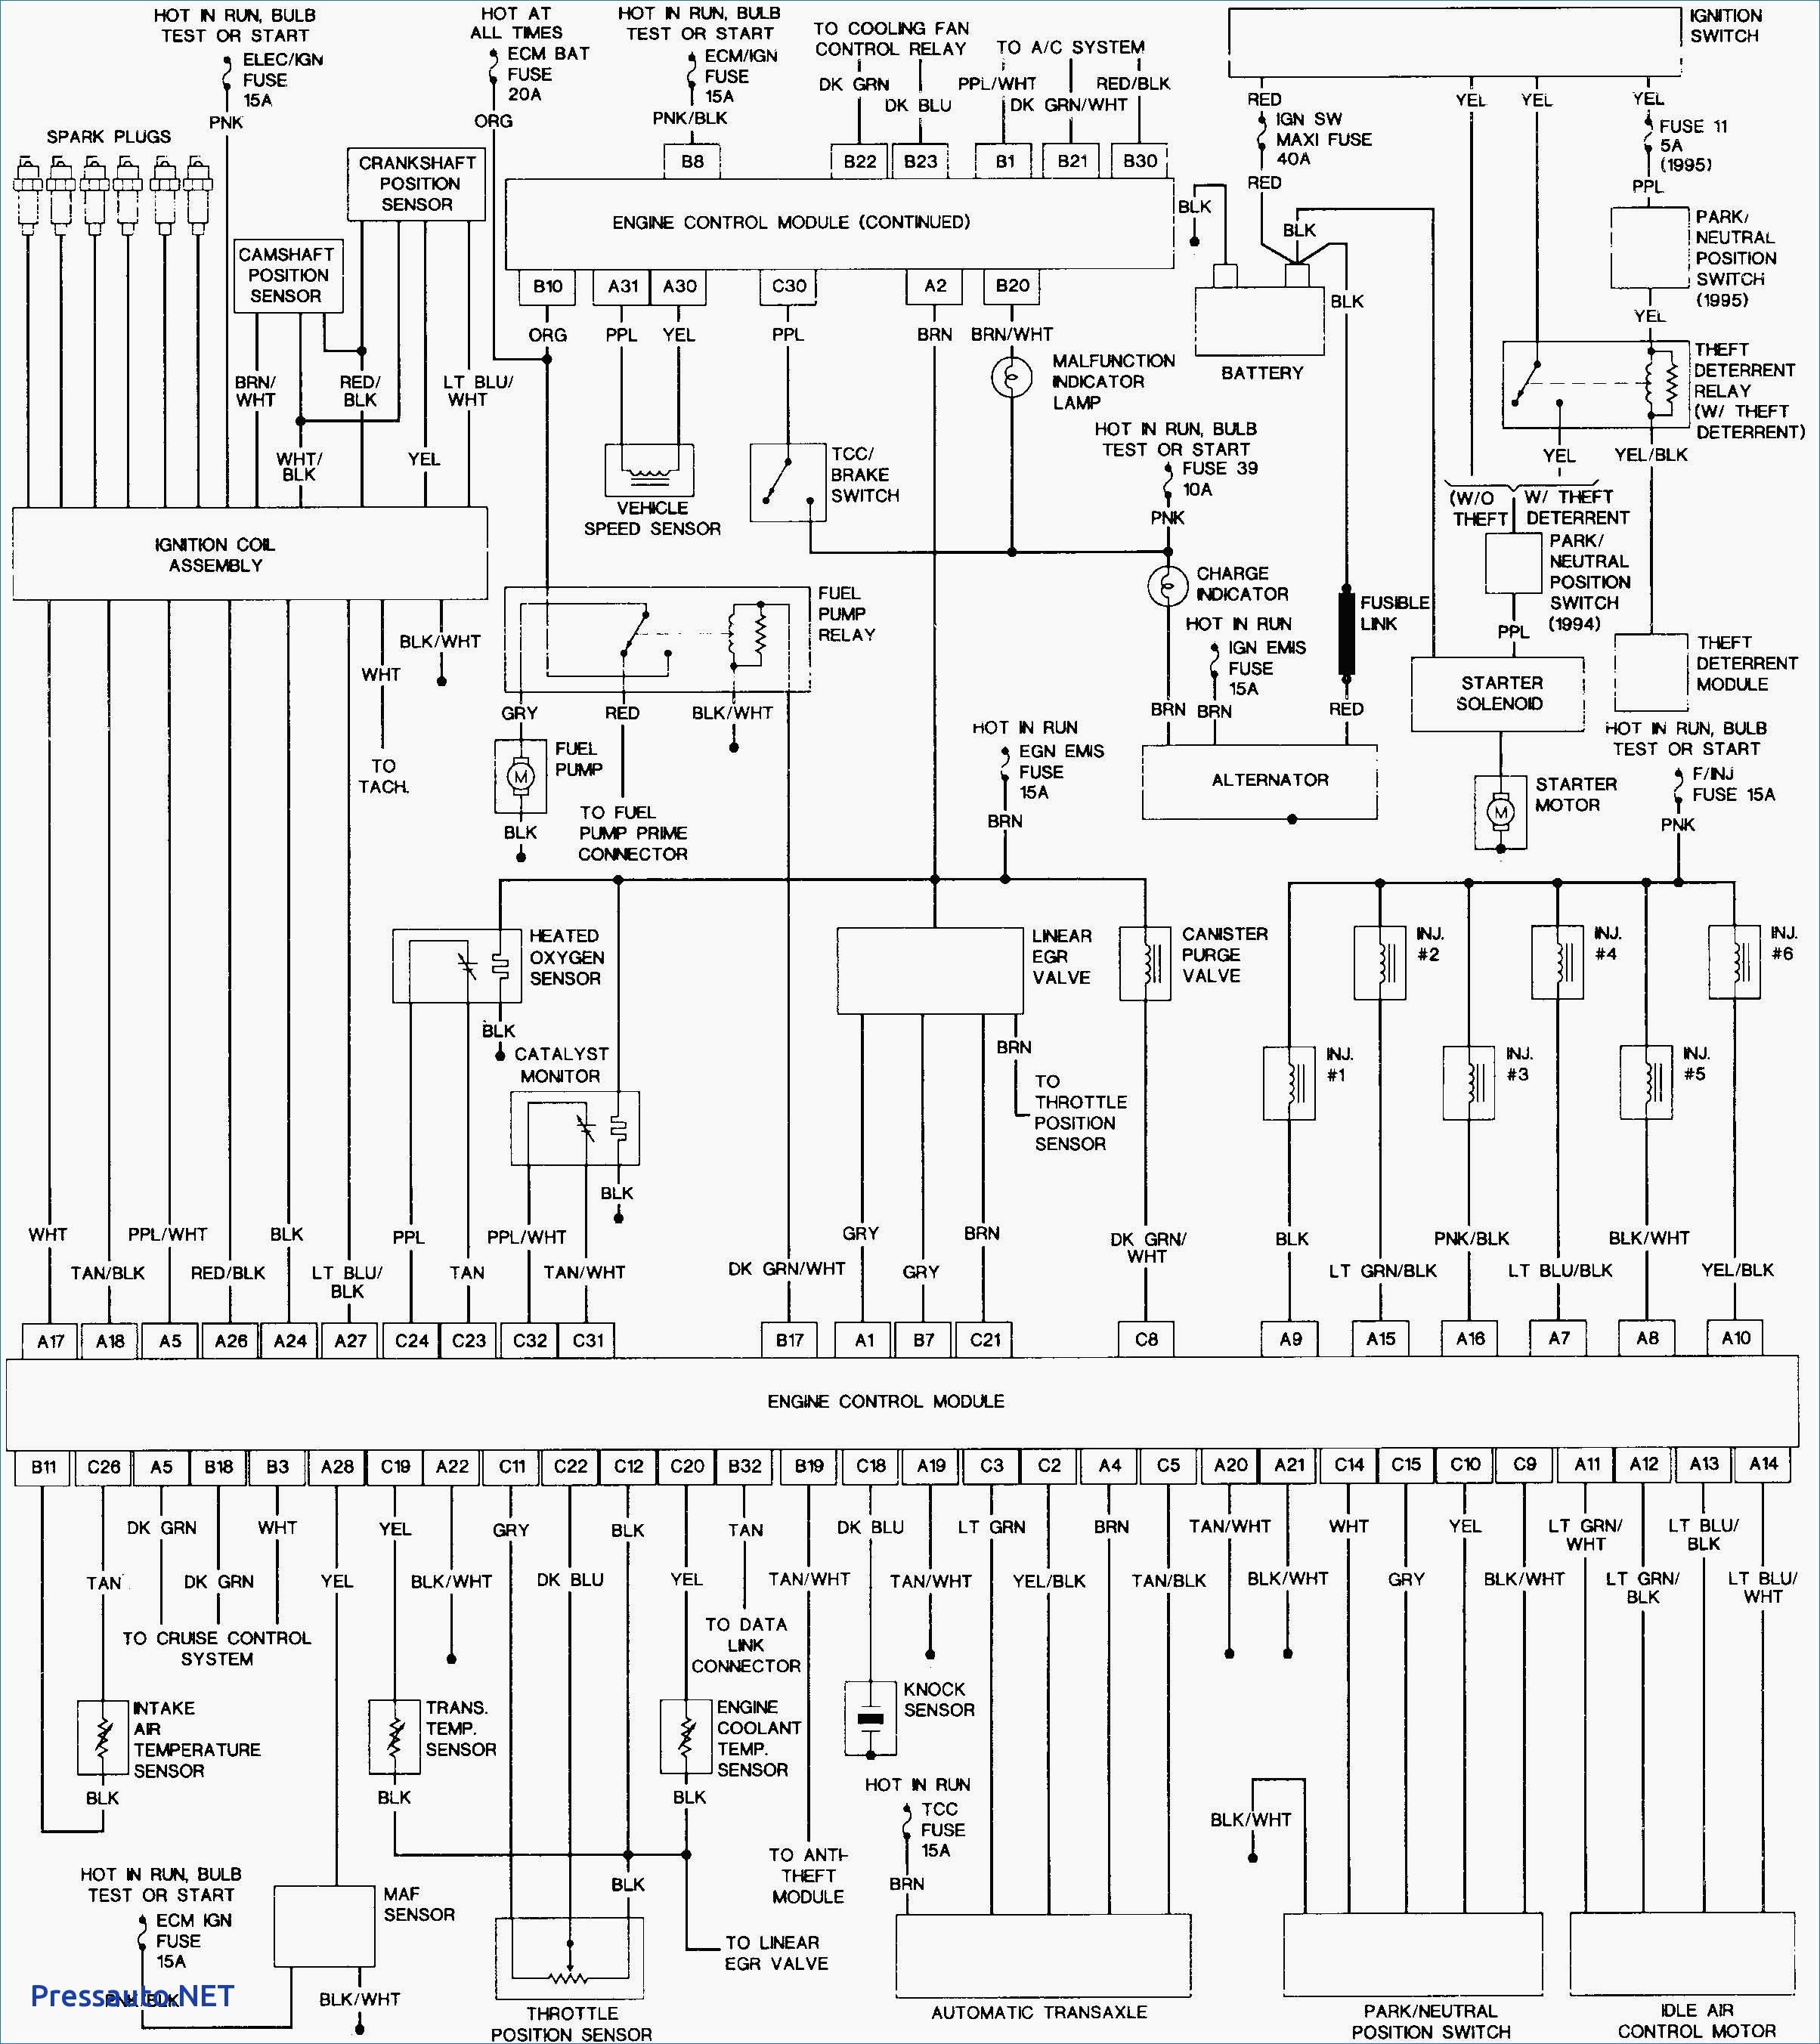 AW_1699] Volkswagen Golf Mk4 Wiring Diagram Free DiagramHeli Hete Over Hyedi Mohammedshrine Librar Wiring 101